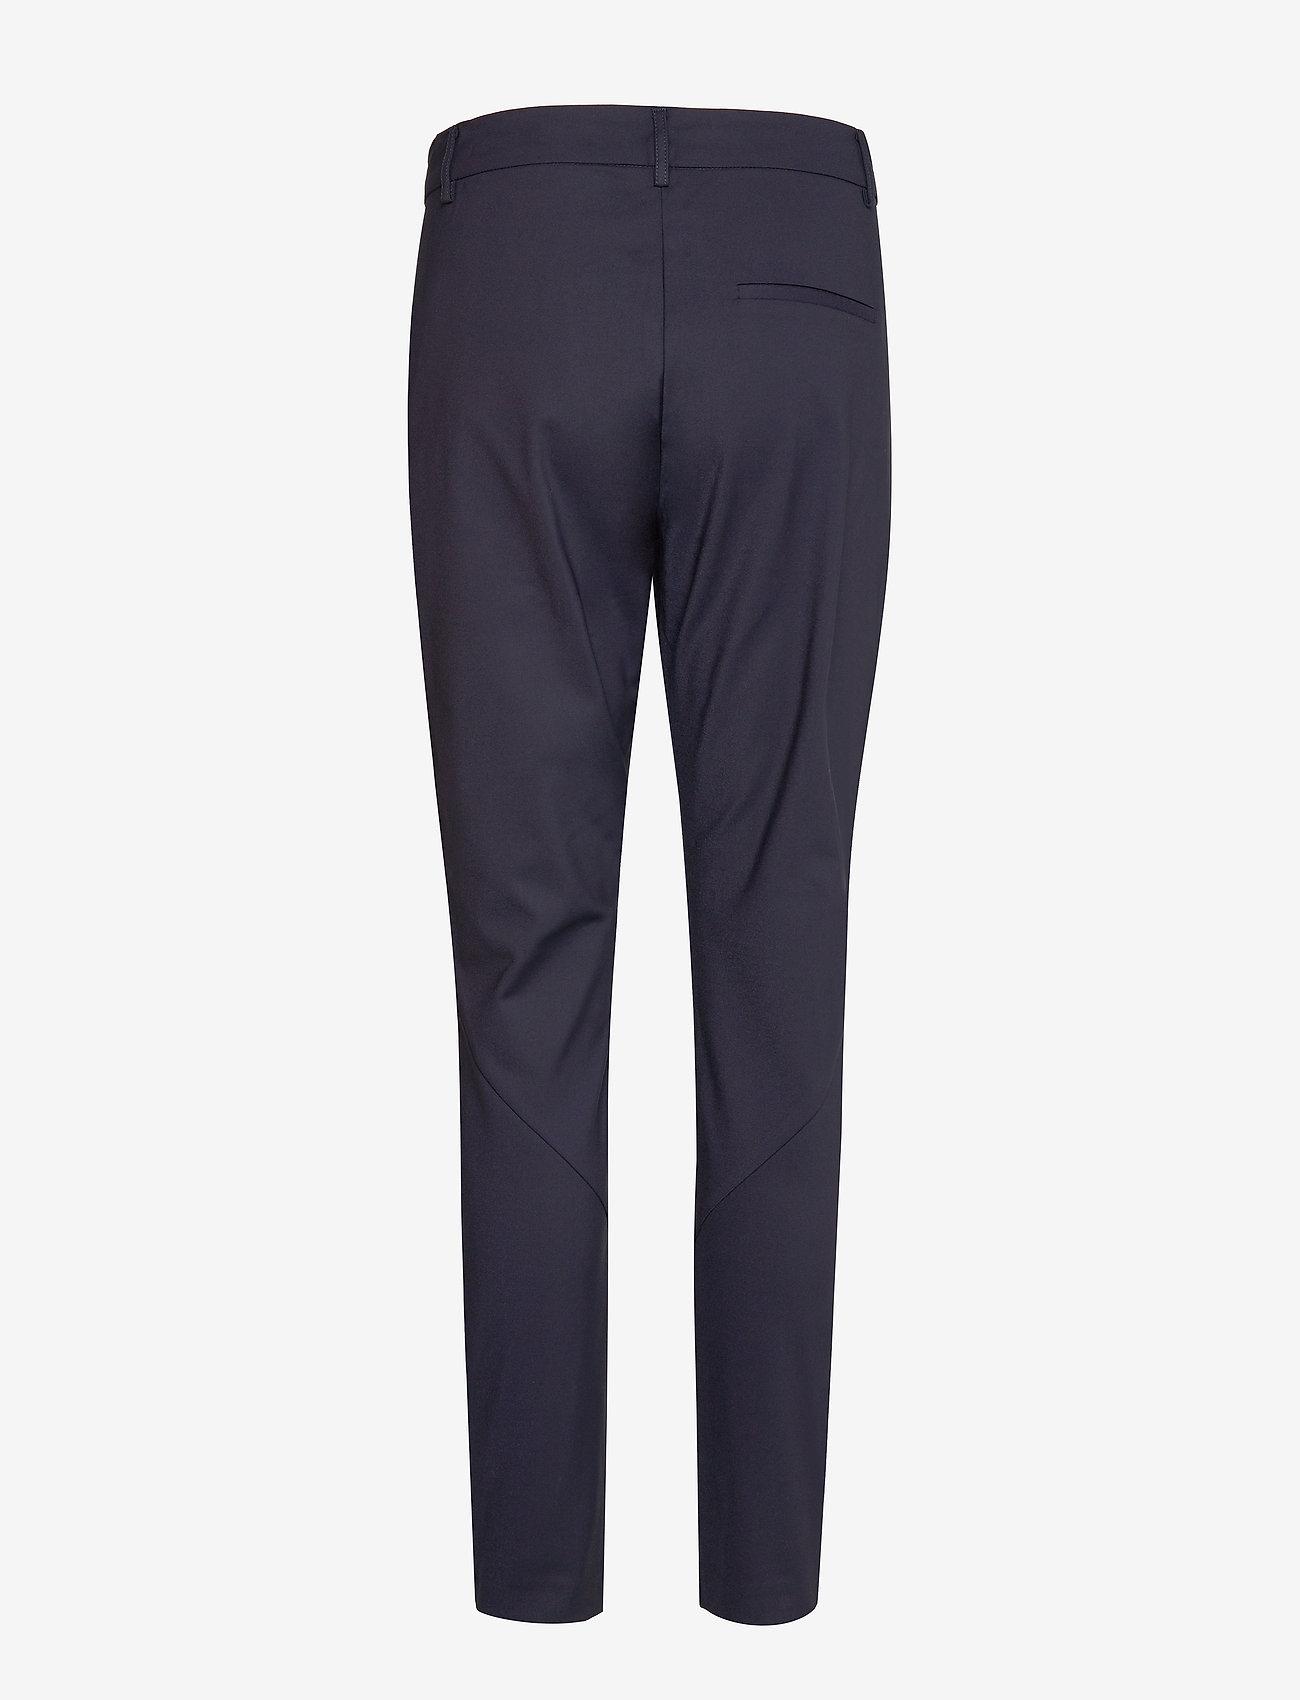 Coster Copenhagen Classic long pants - Stella - Spodnie NIGHT SKY BLUE - Kobiety Odzież.